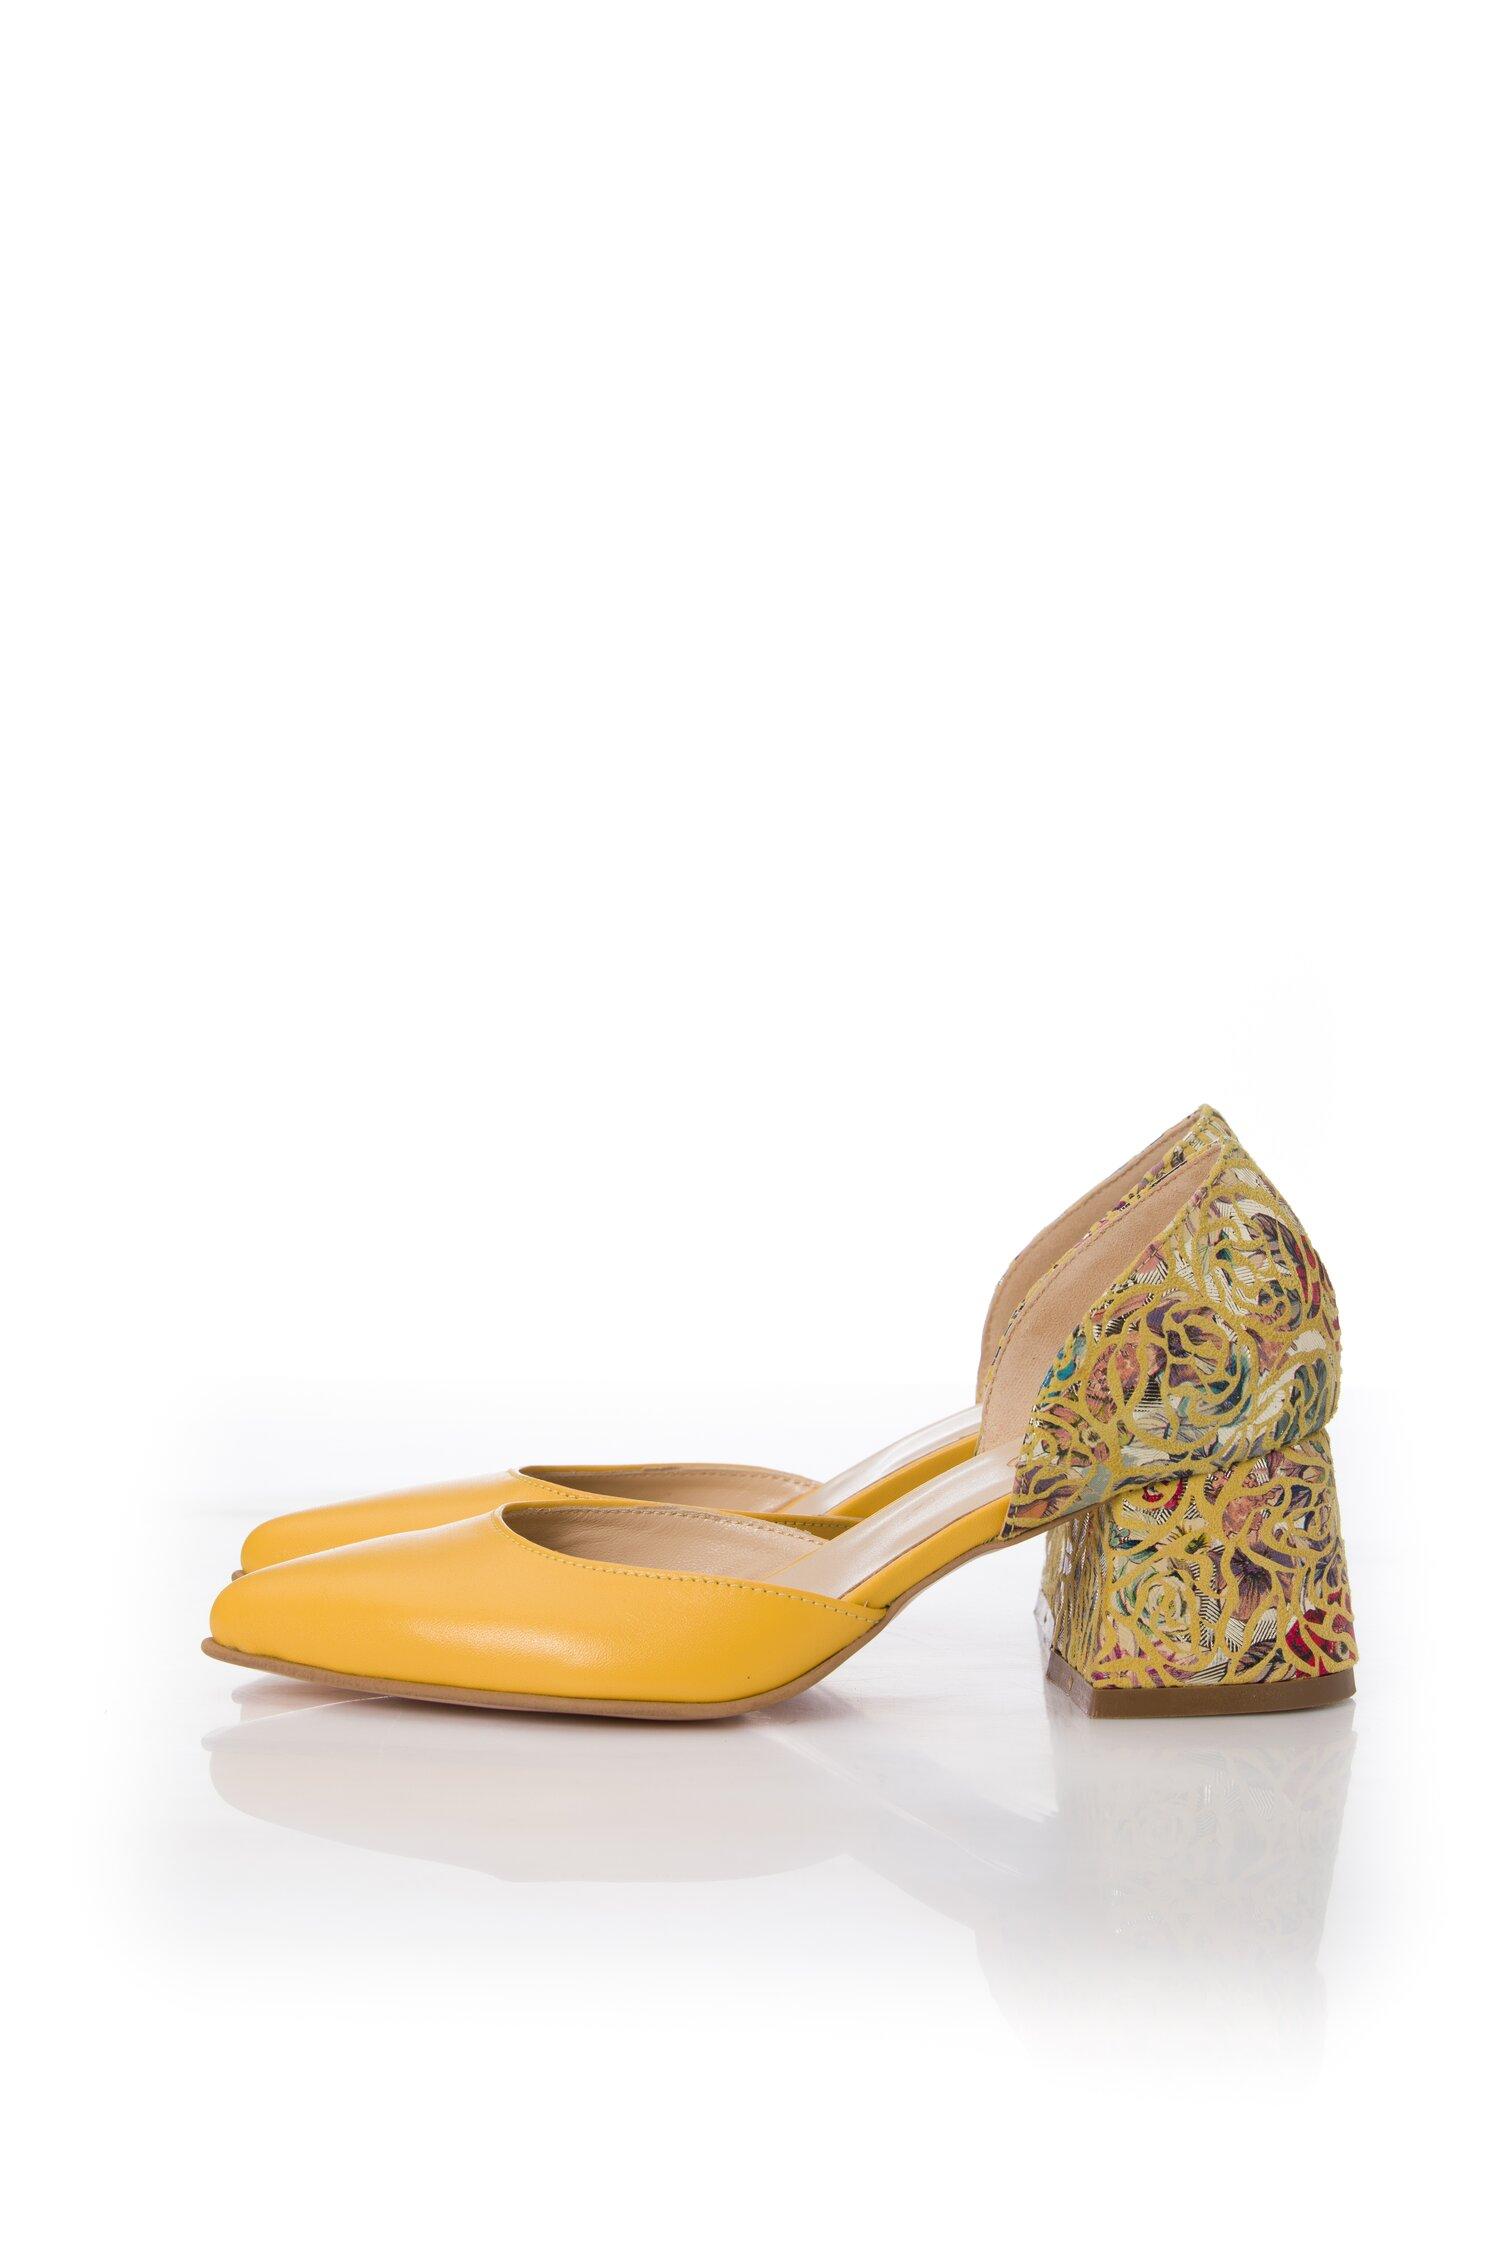 Pantofi galbeni decupati cu imprimeu pe toc si calcai